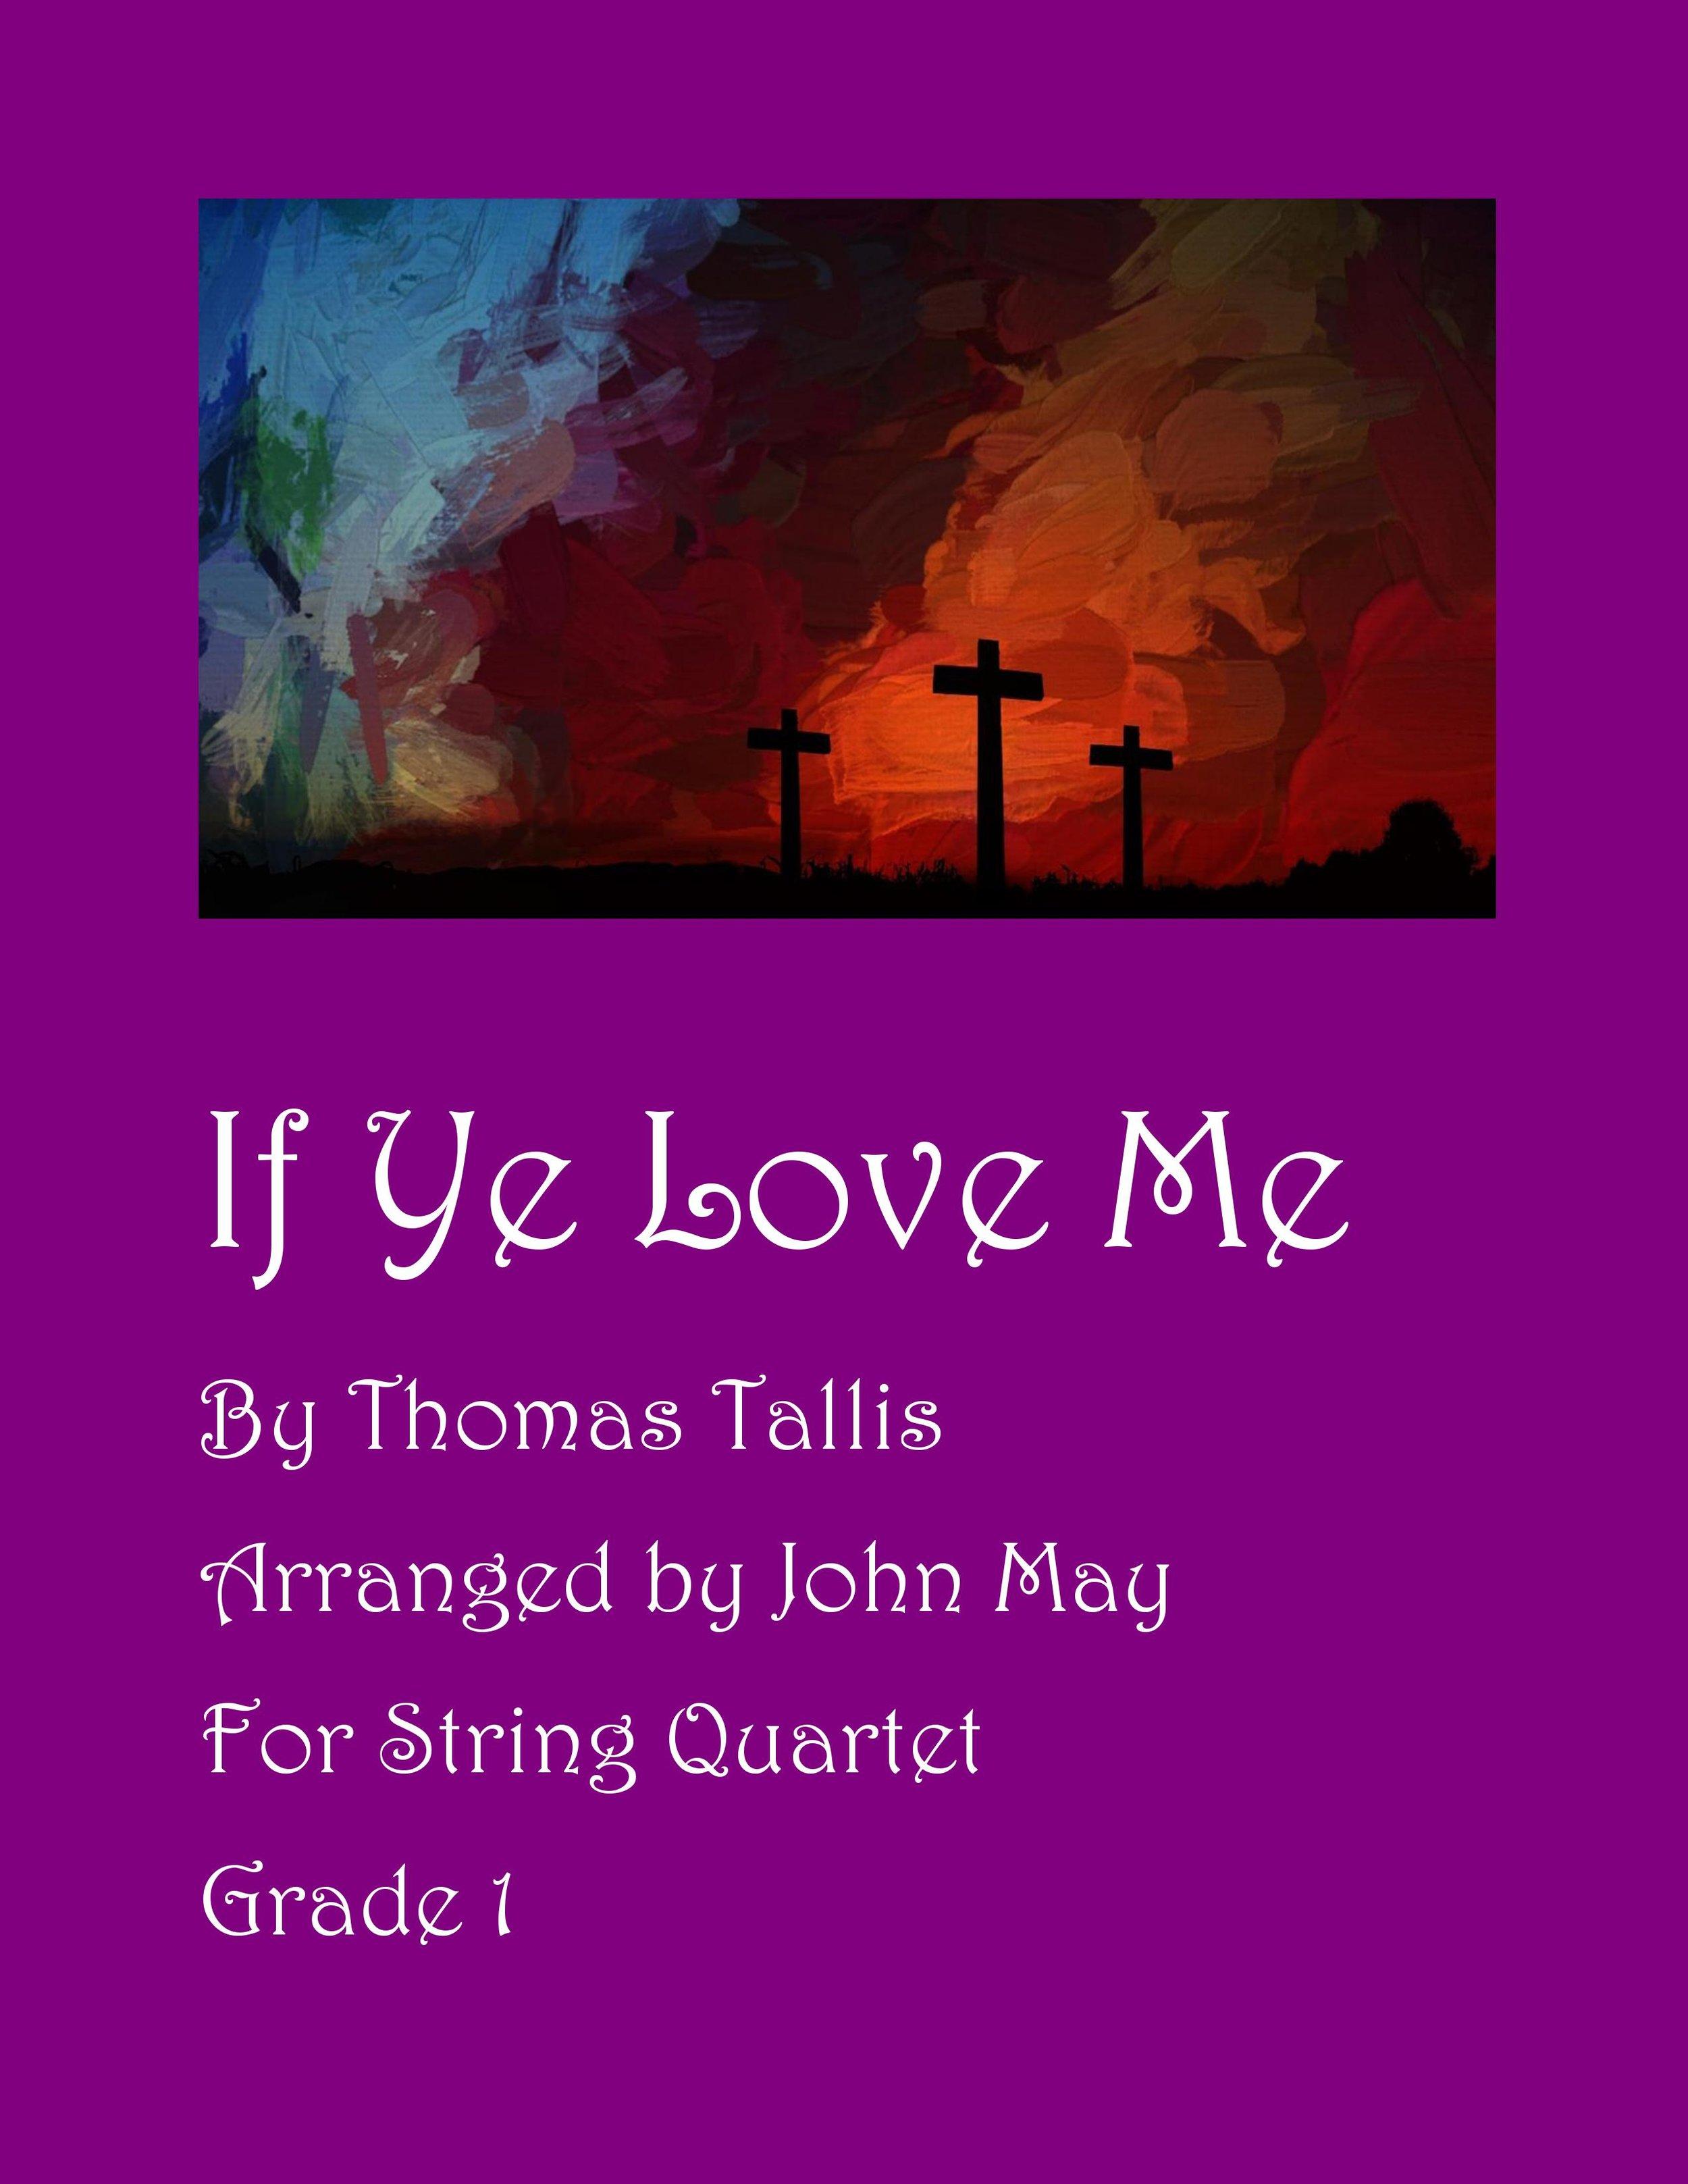 If Ye Love Me-String Quartet-Cover Photo.jpg